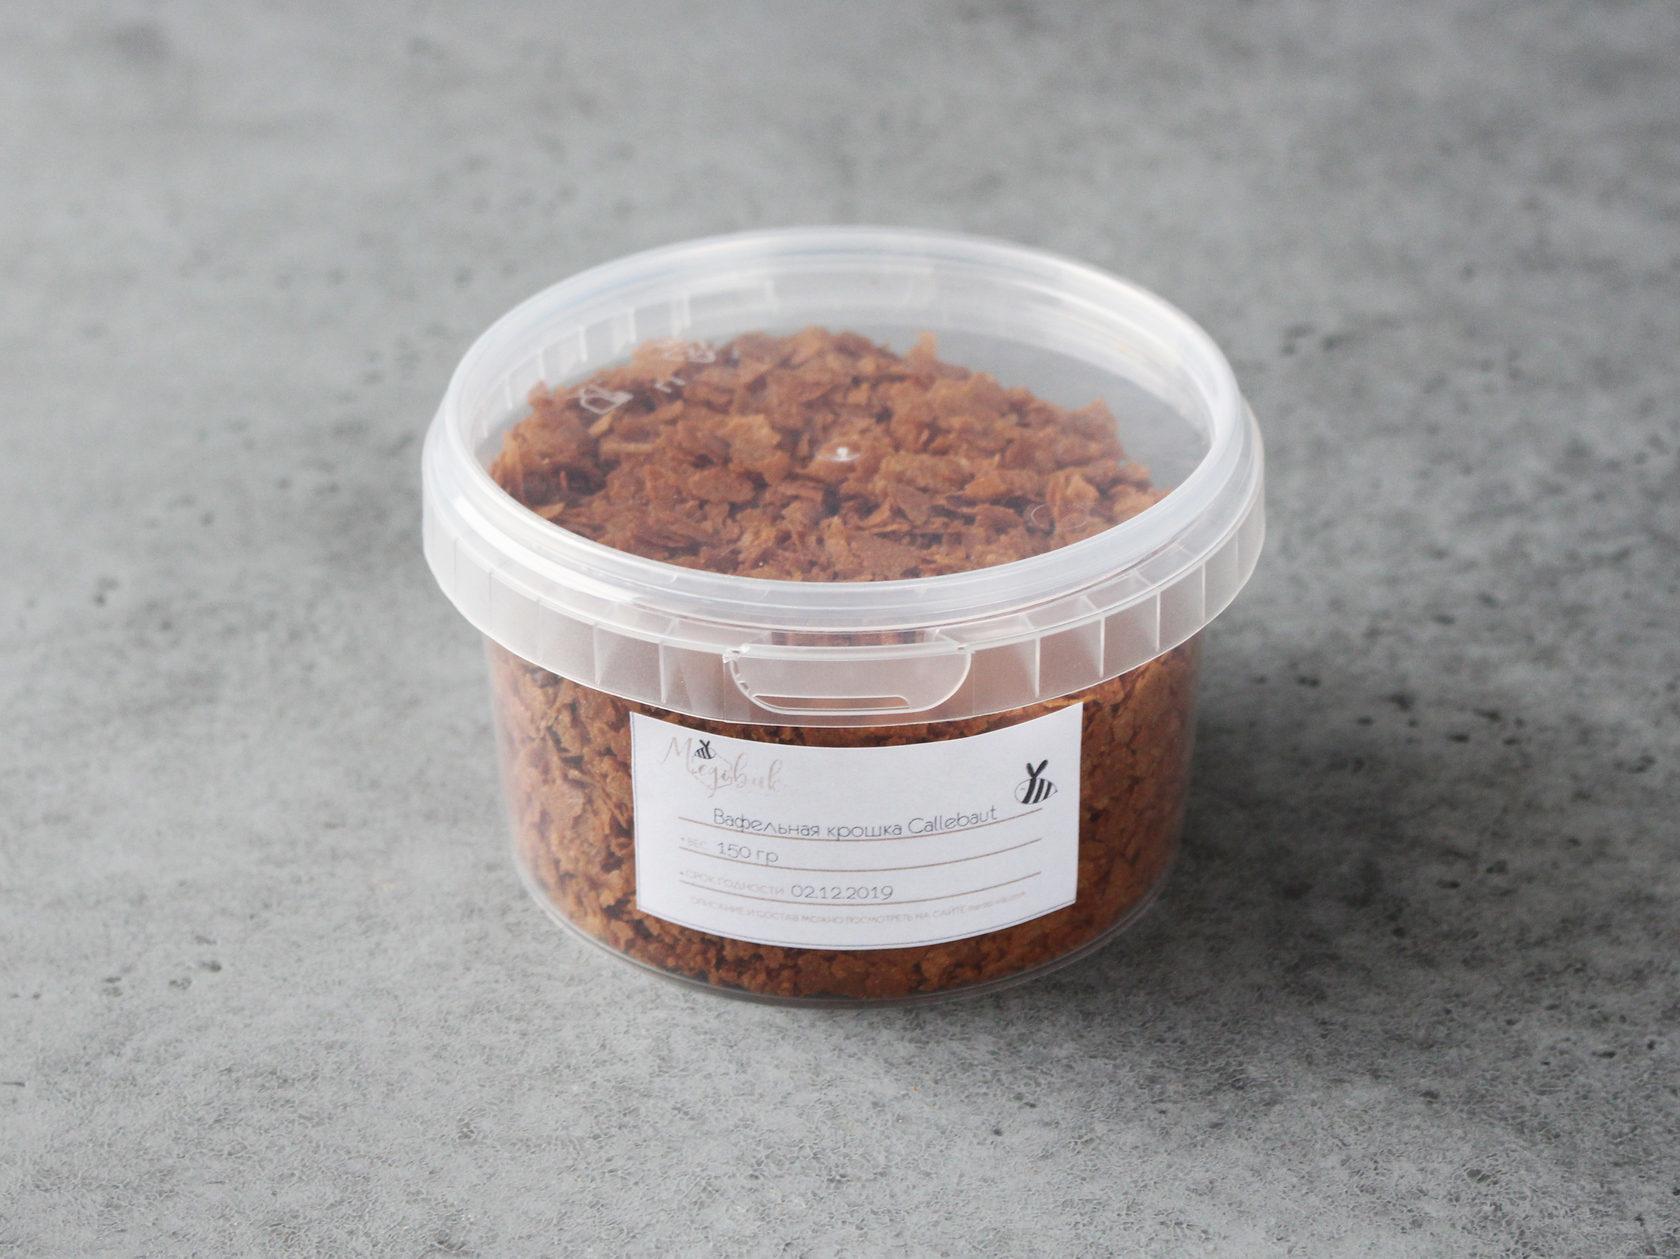 Вафельная крошка Callebaut, 150 гр